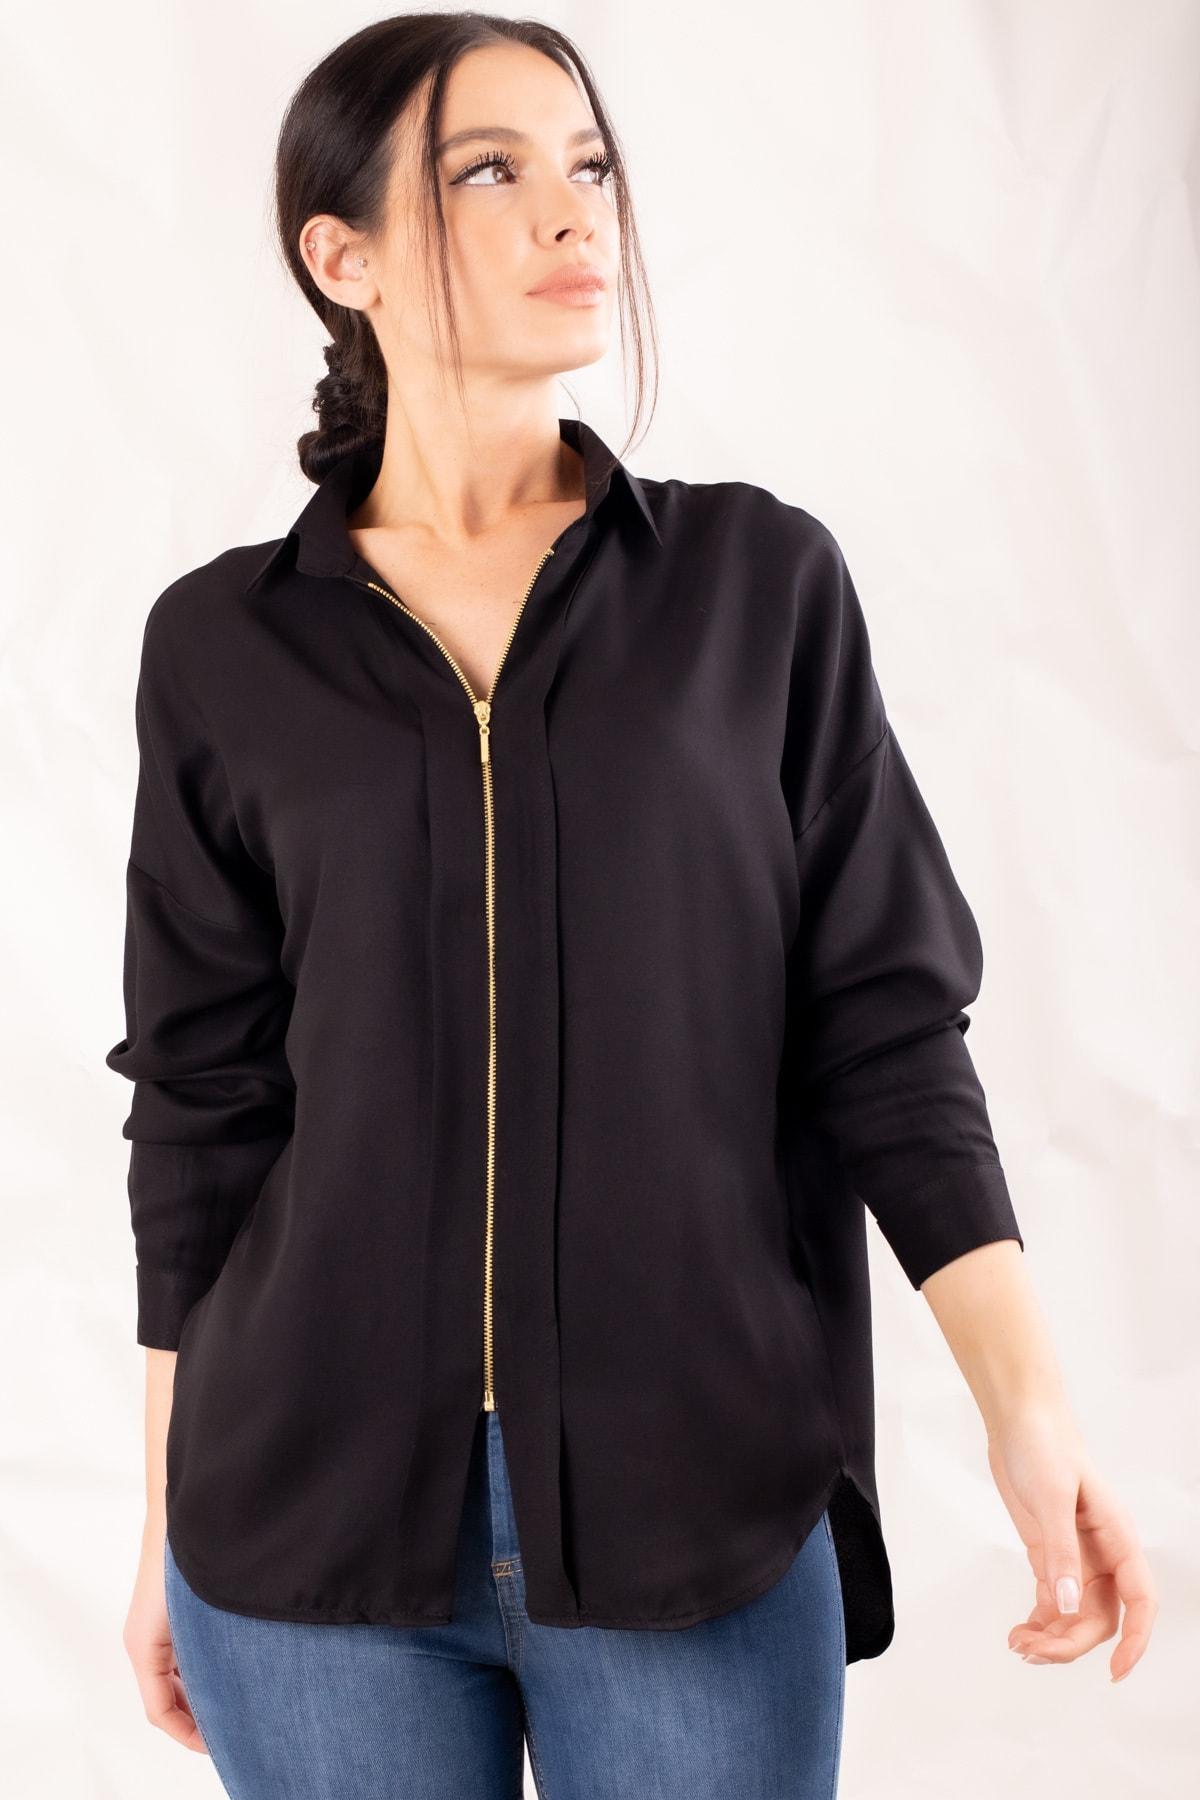 armonika Kadın Siyah Fermuarli Gömlek ARM-20K001149 2